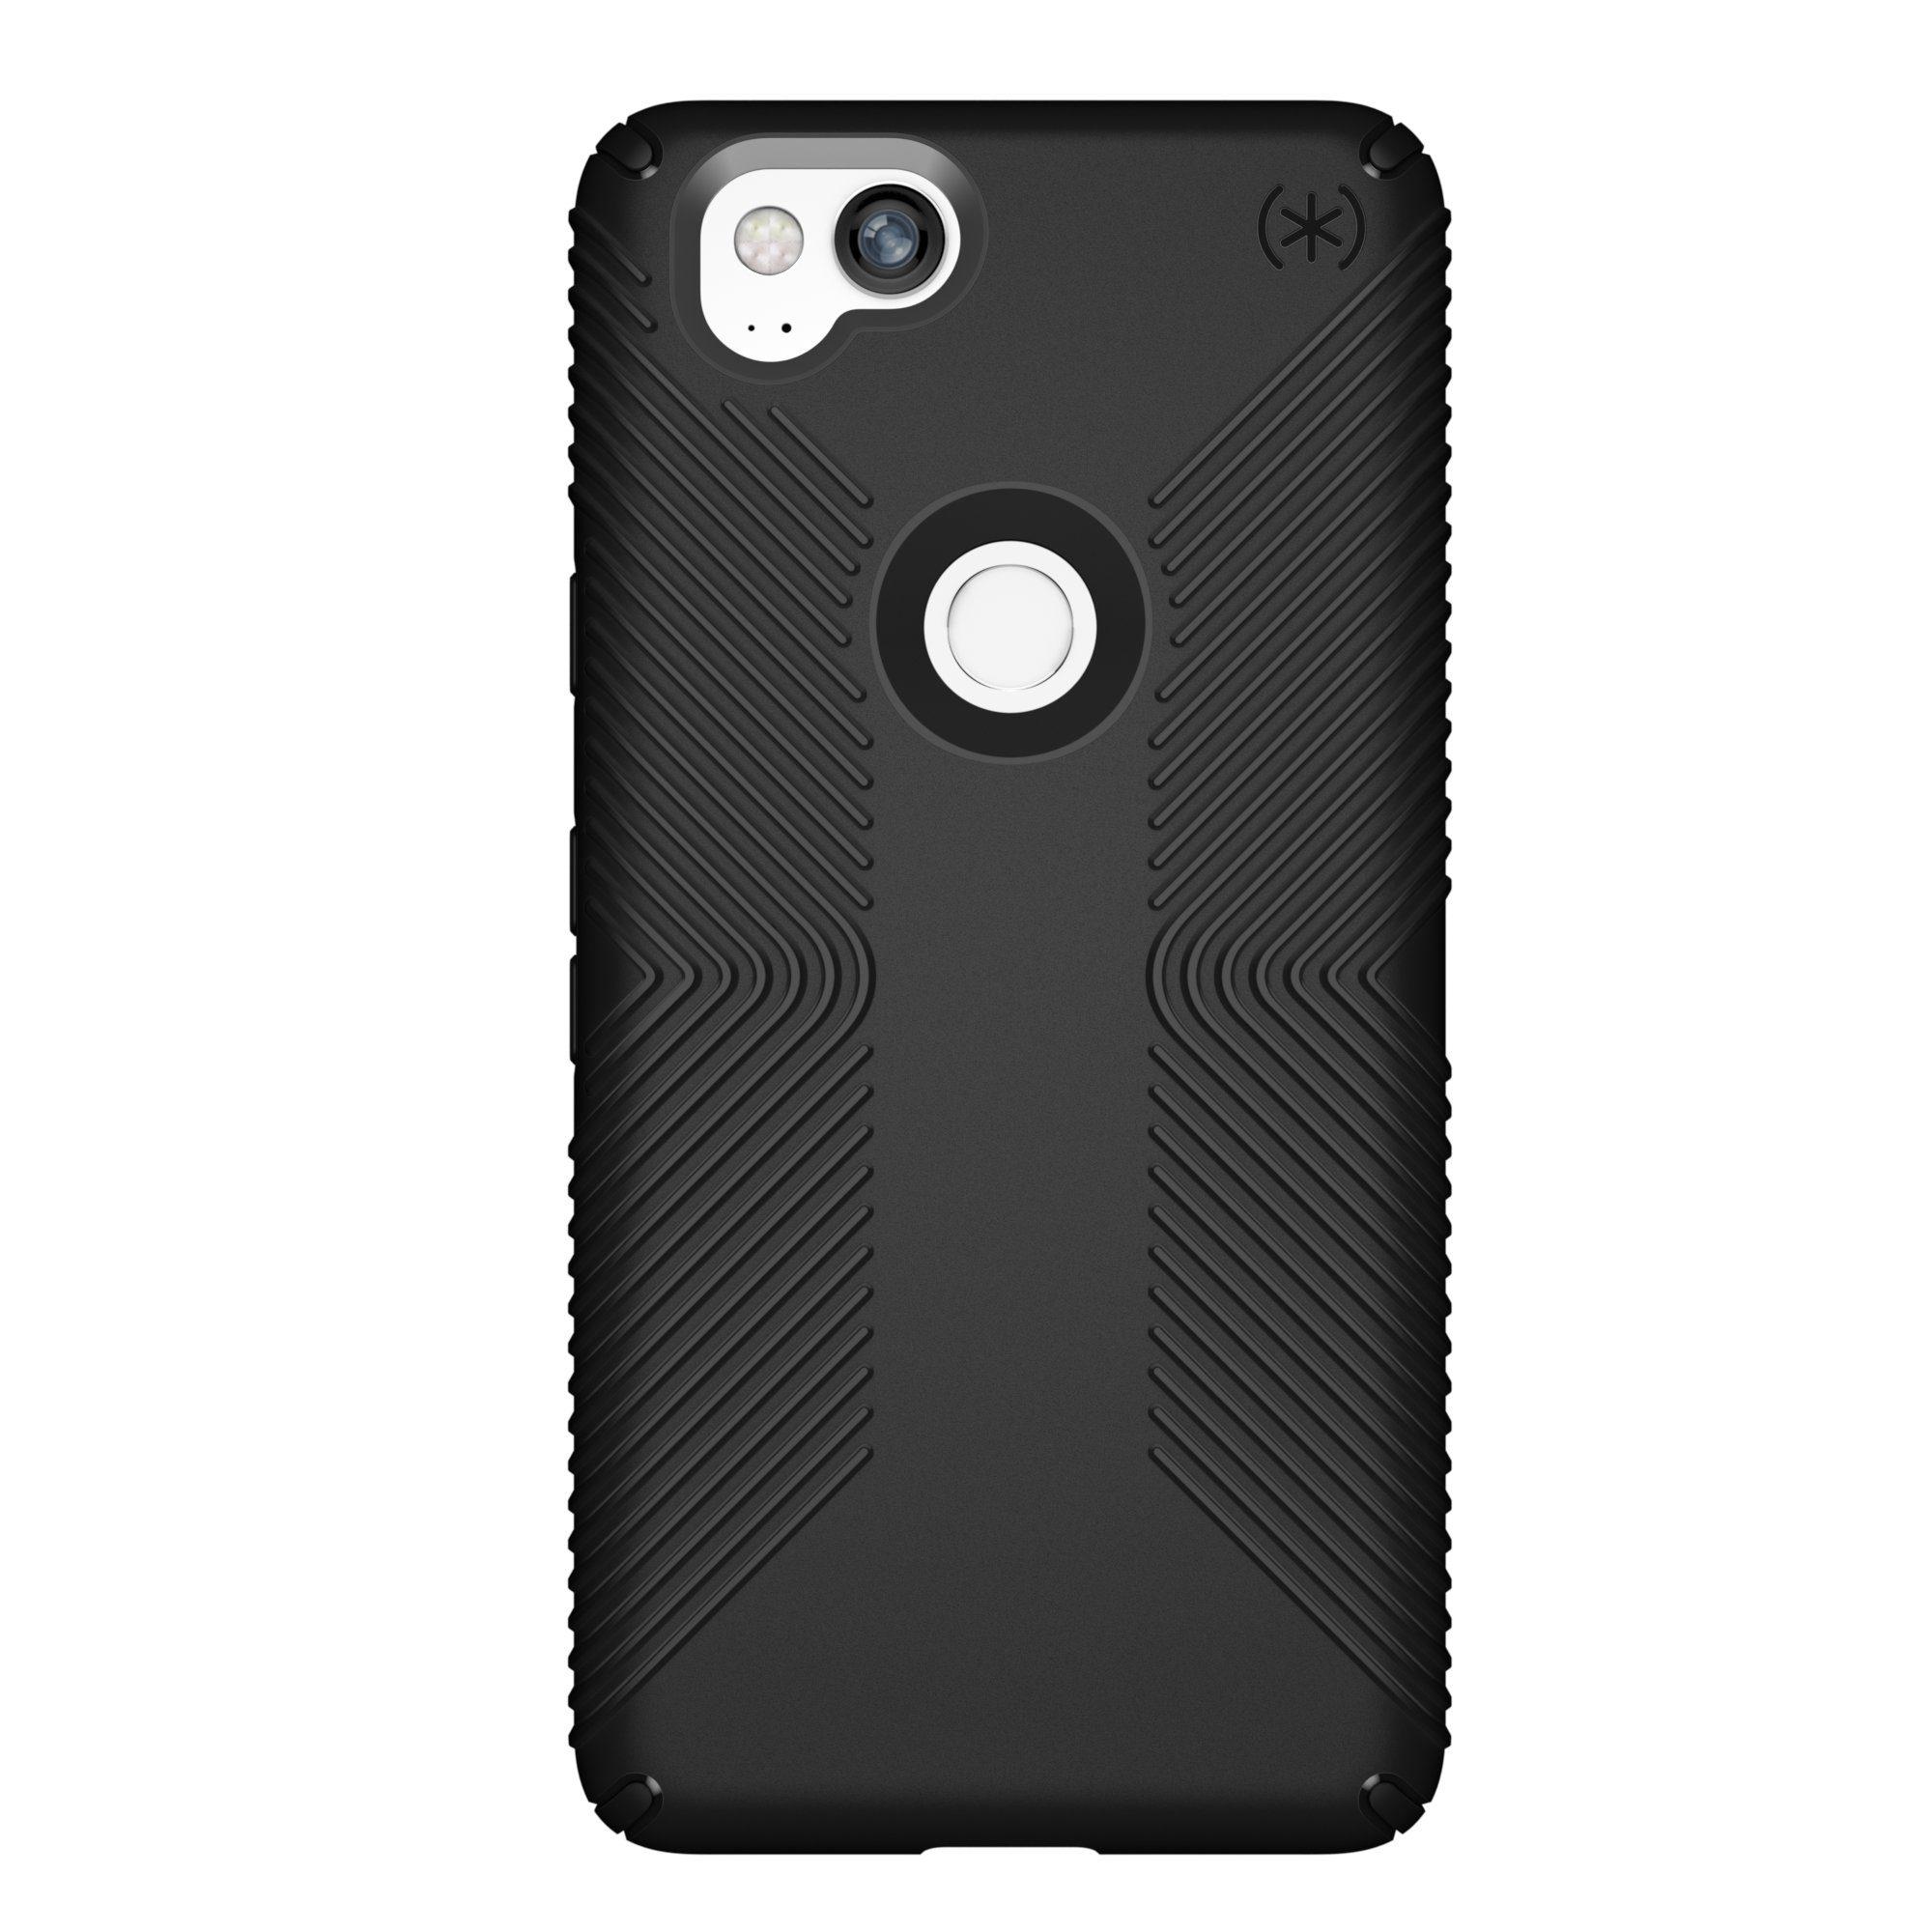 Speck HardCase »Presidio Grip Google Pixel 2 Black/Black«